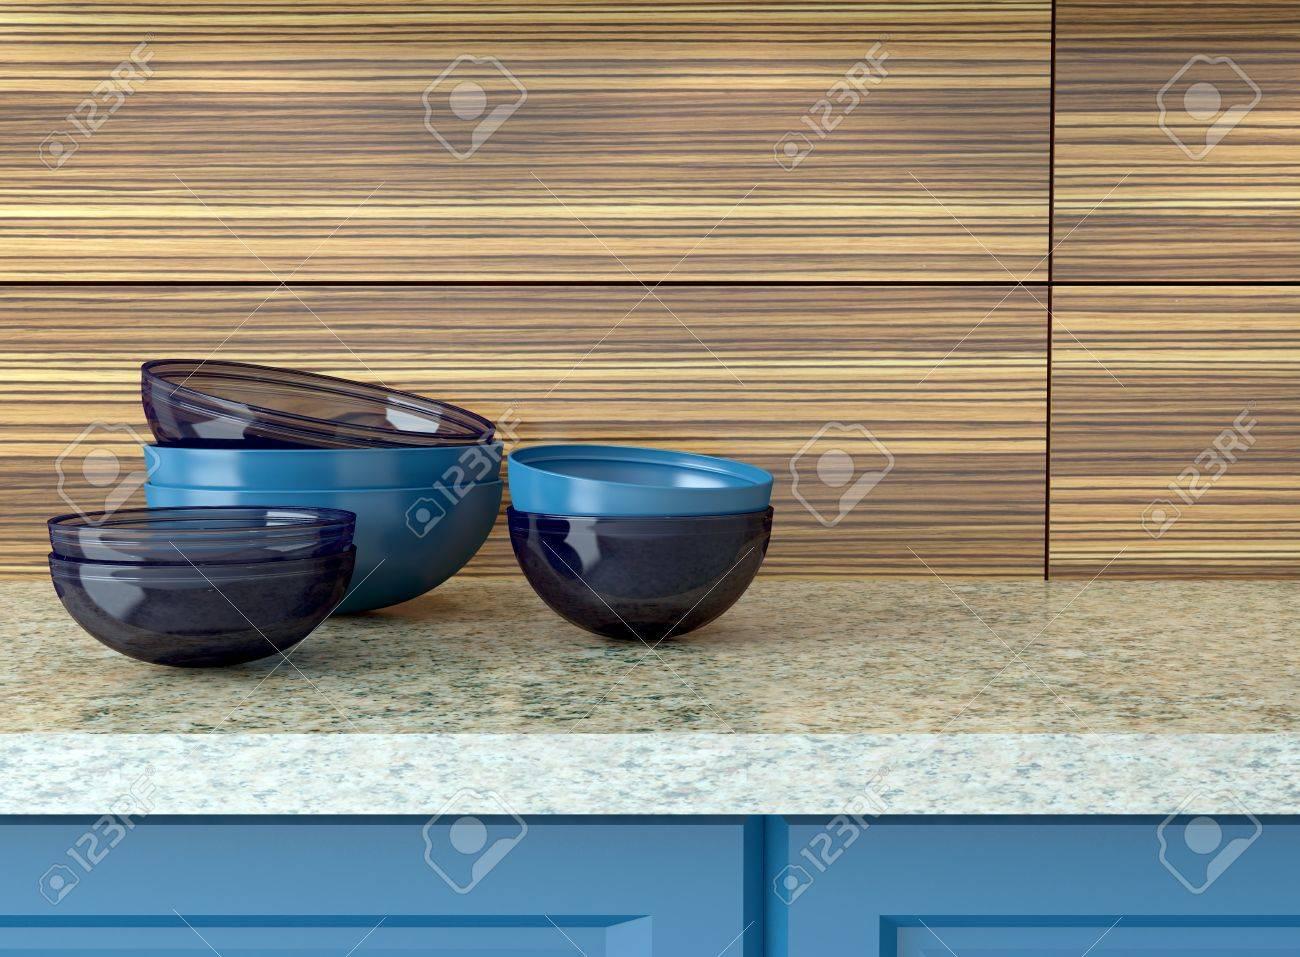 Plan De Travail Bleu ustensiles de cuisine en céramique bleu sur le plan de travail en marbre.